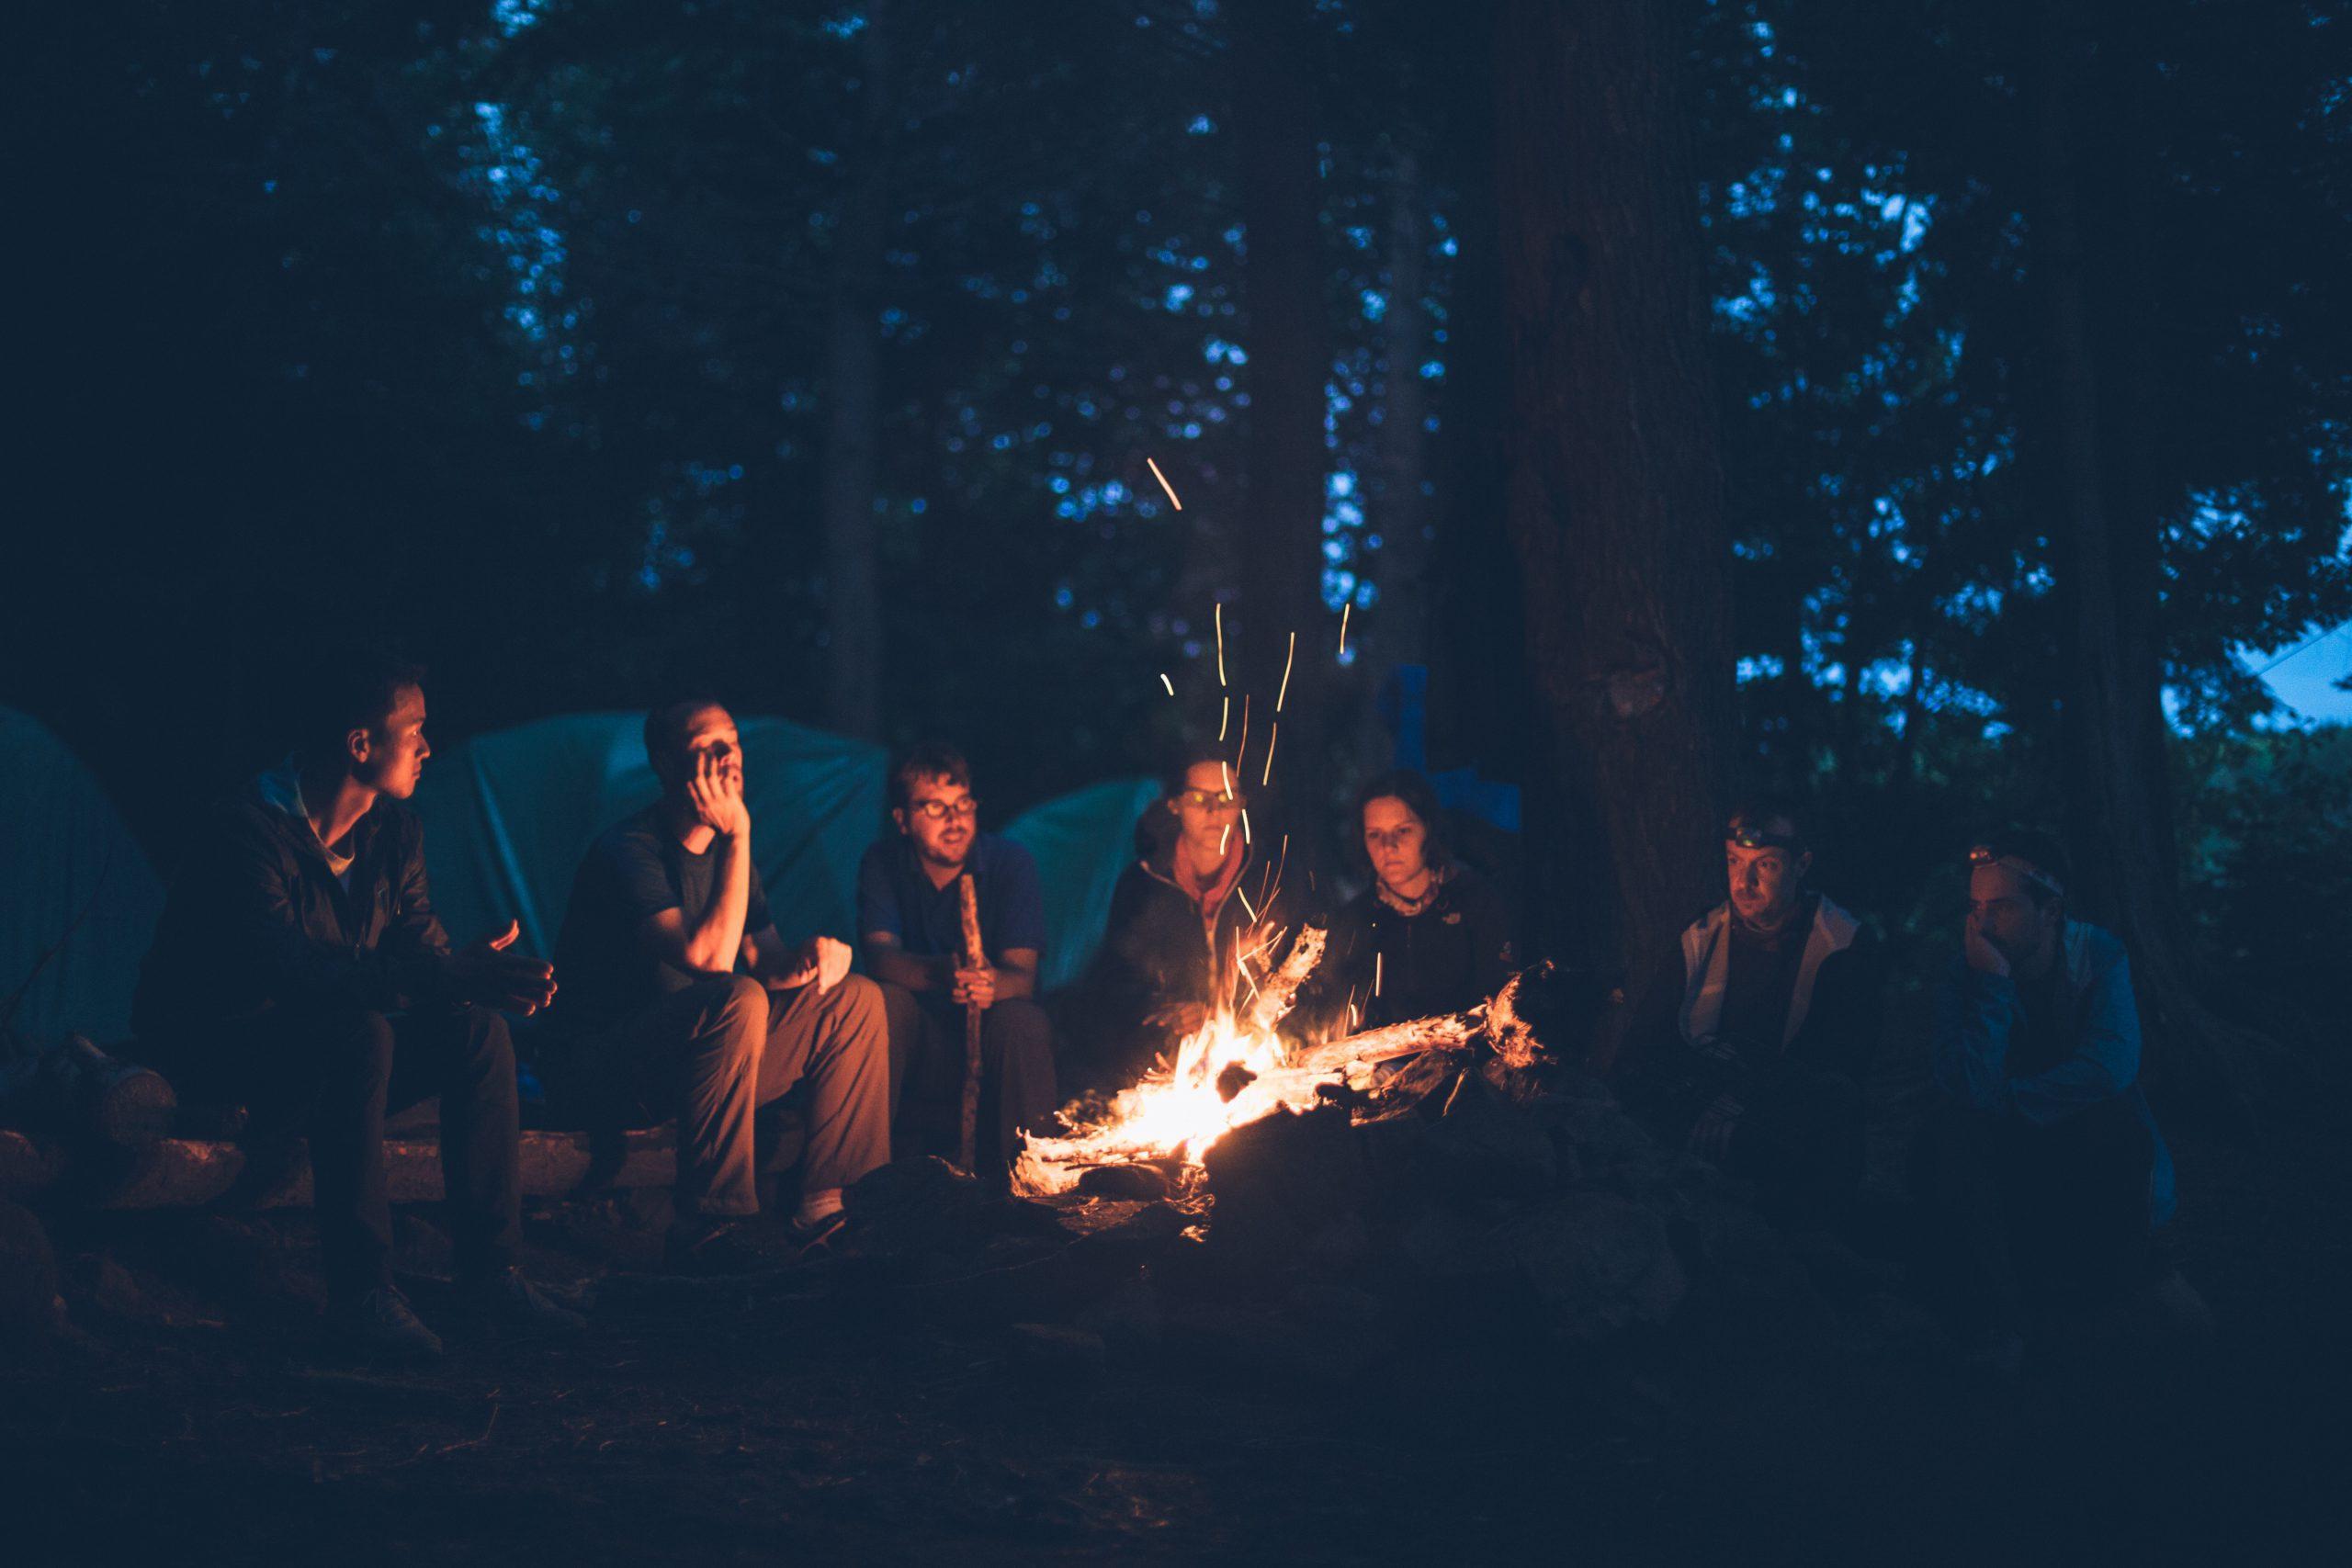 מדורת השבט הוירטואלית - קבוצות פייסבוק | Photo by Mike Erskine on Unsplash